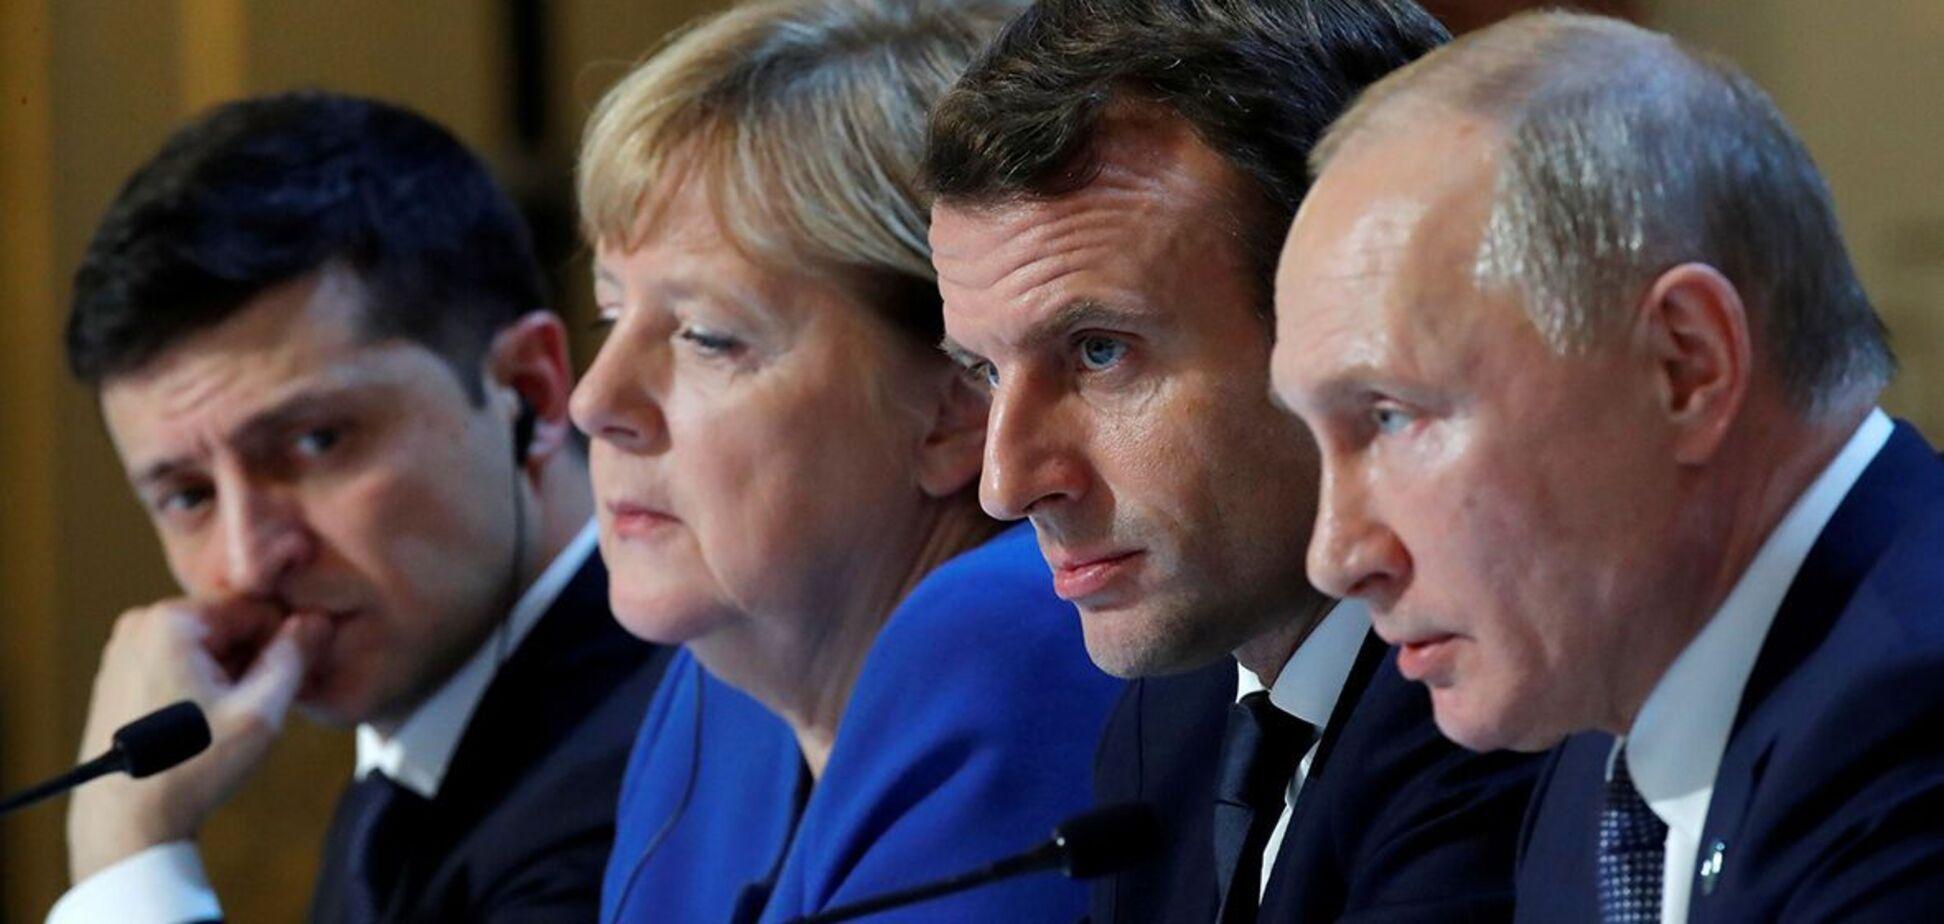 Встреча советников глав стран 'нормандской четверки' может состояться в январе